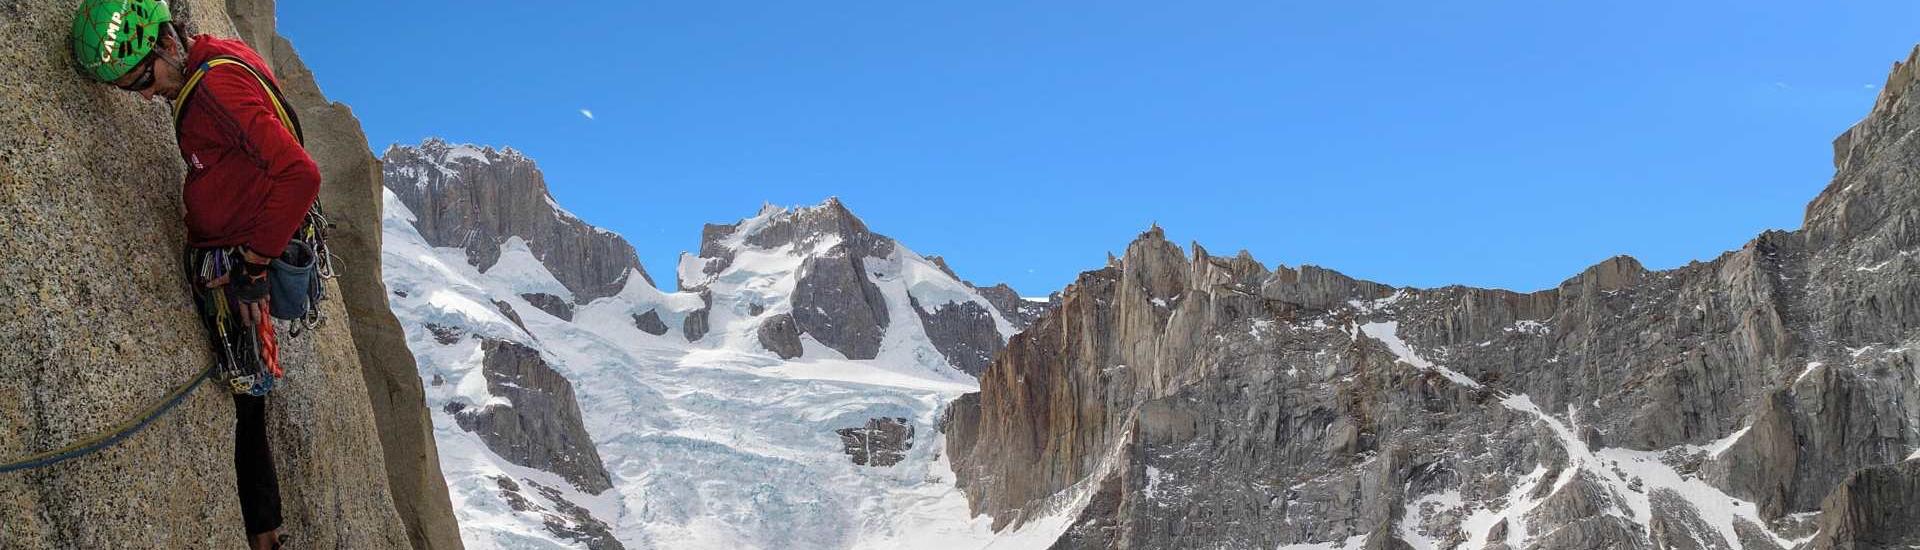 d1922e36251f58 Der Klettershop. Alles für den Outdoor- Berg- und Kletter Sport.